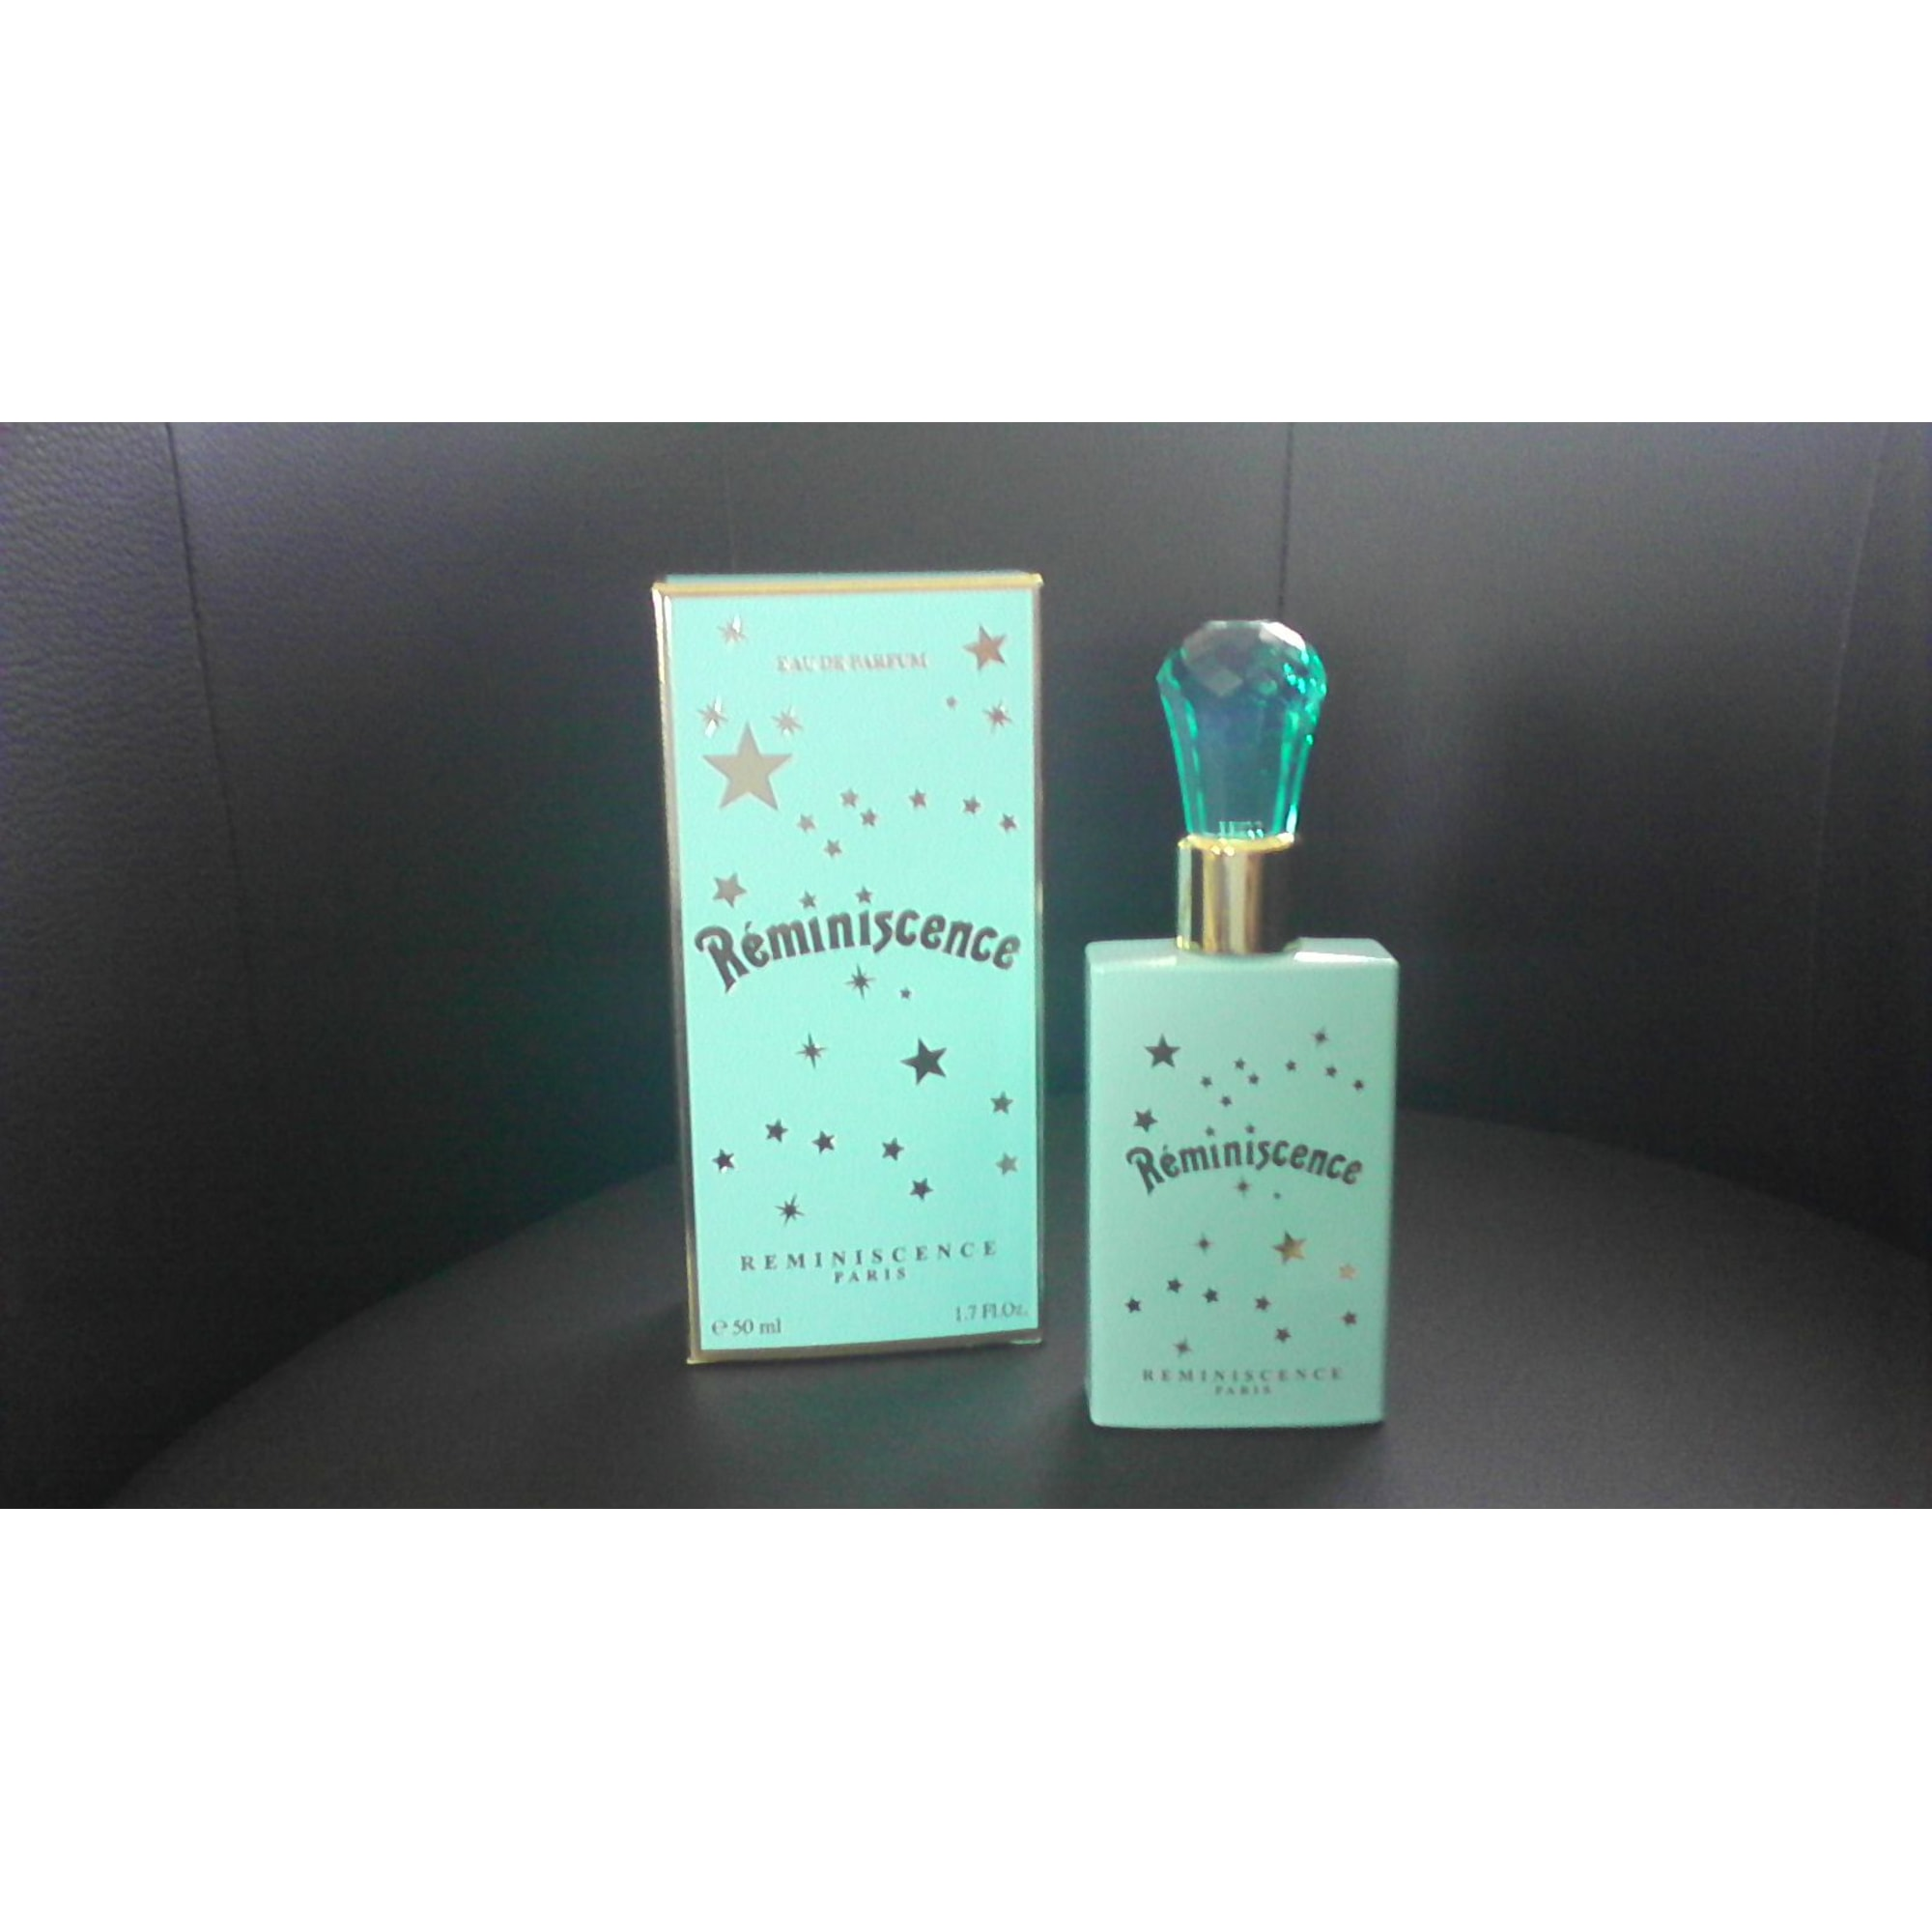 c1e19220e6 Eau De Parfum Shopname447134 2765822 Vendu Par Reminiscence 5LqcRj4A3